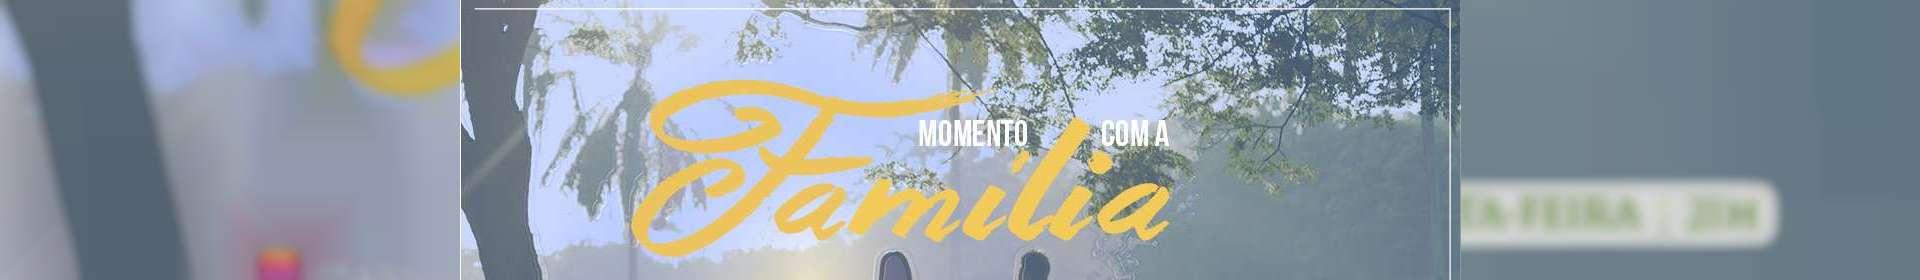 Momento com a Família - 17/05/2019